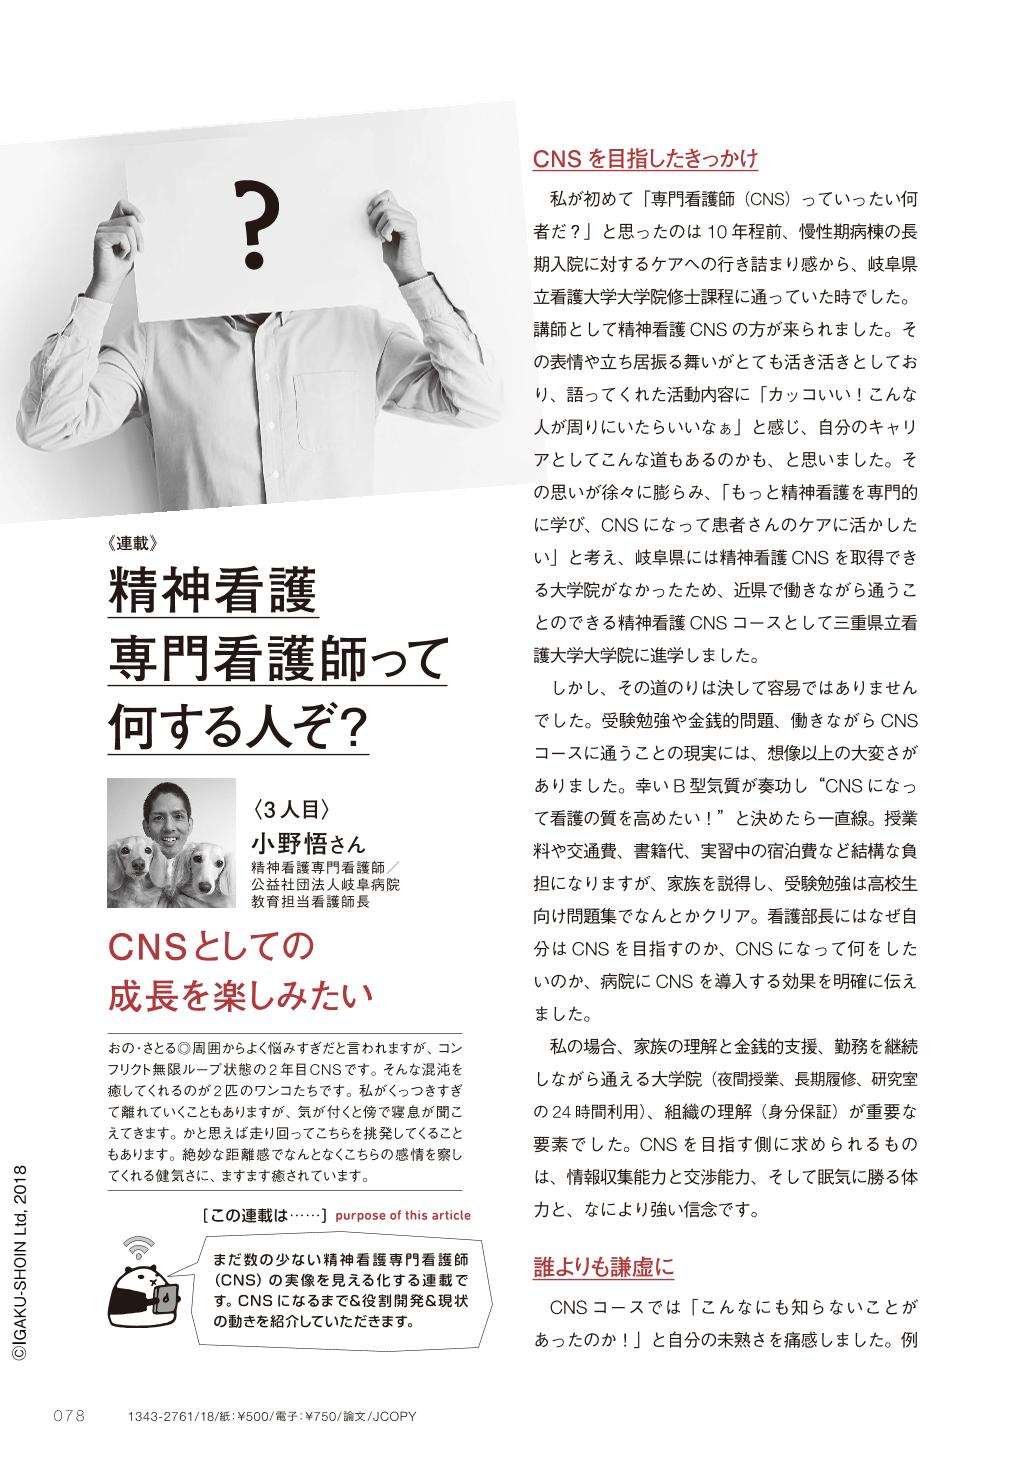 cnsとしての成長を楽しみたい 精神看護 21巻1号 医書 jp